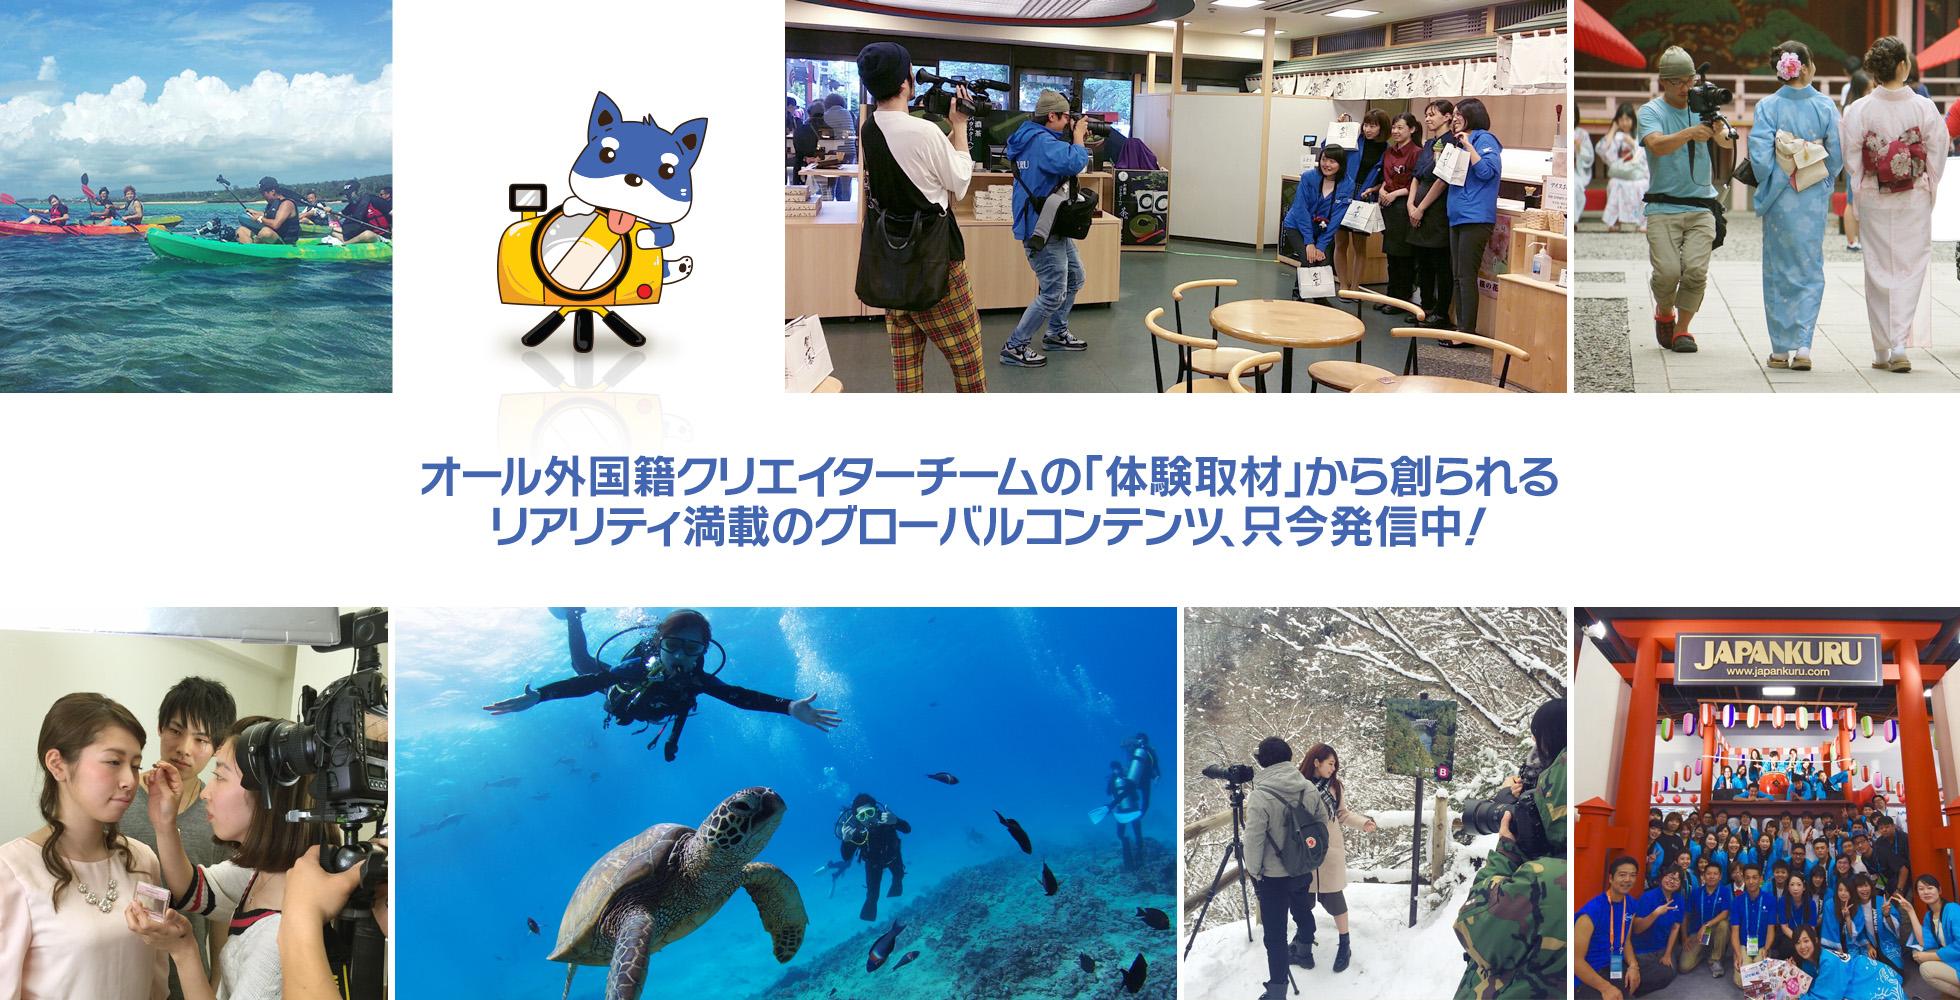 旬の情報を世界にお届けする自社WEBコンテンツ『JAPANKURU』